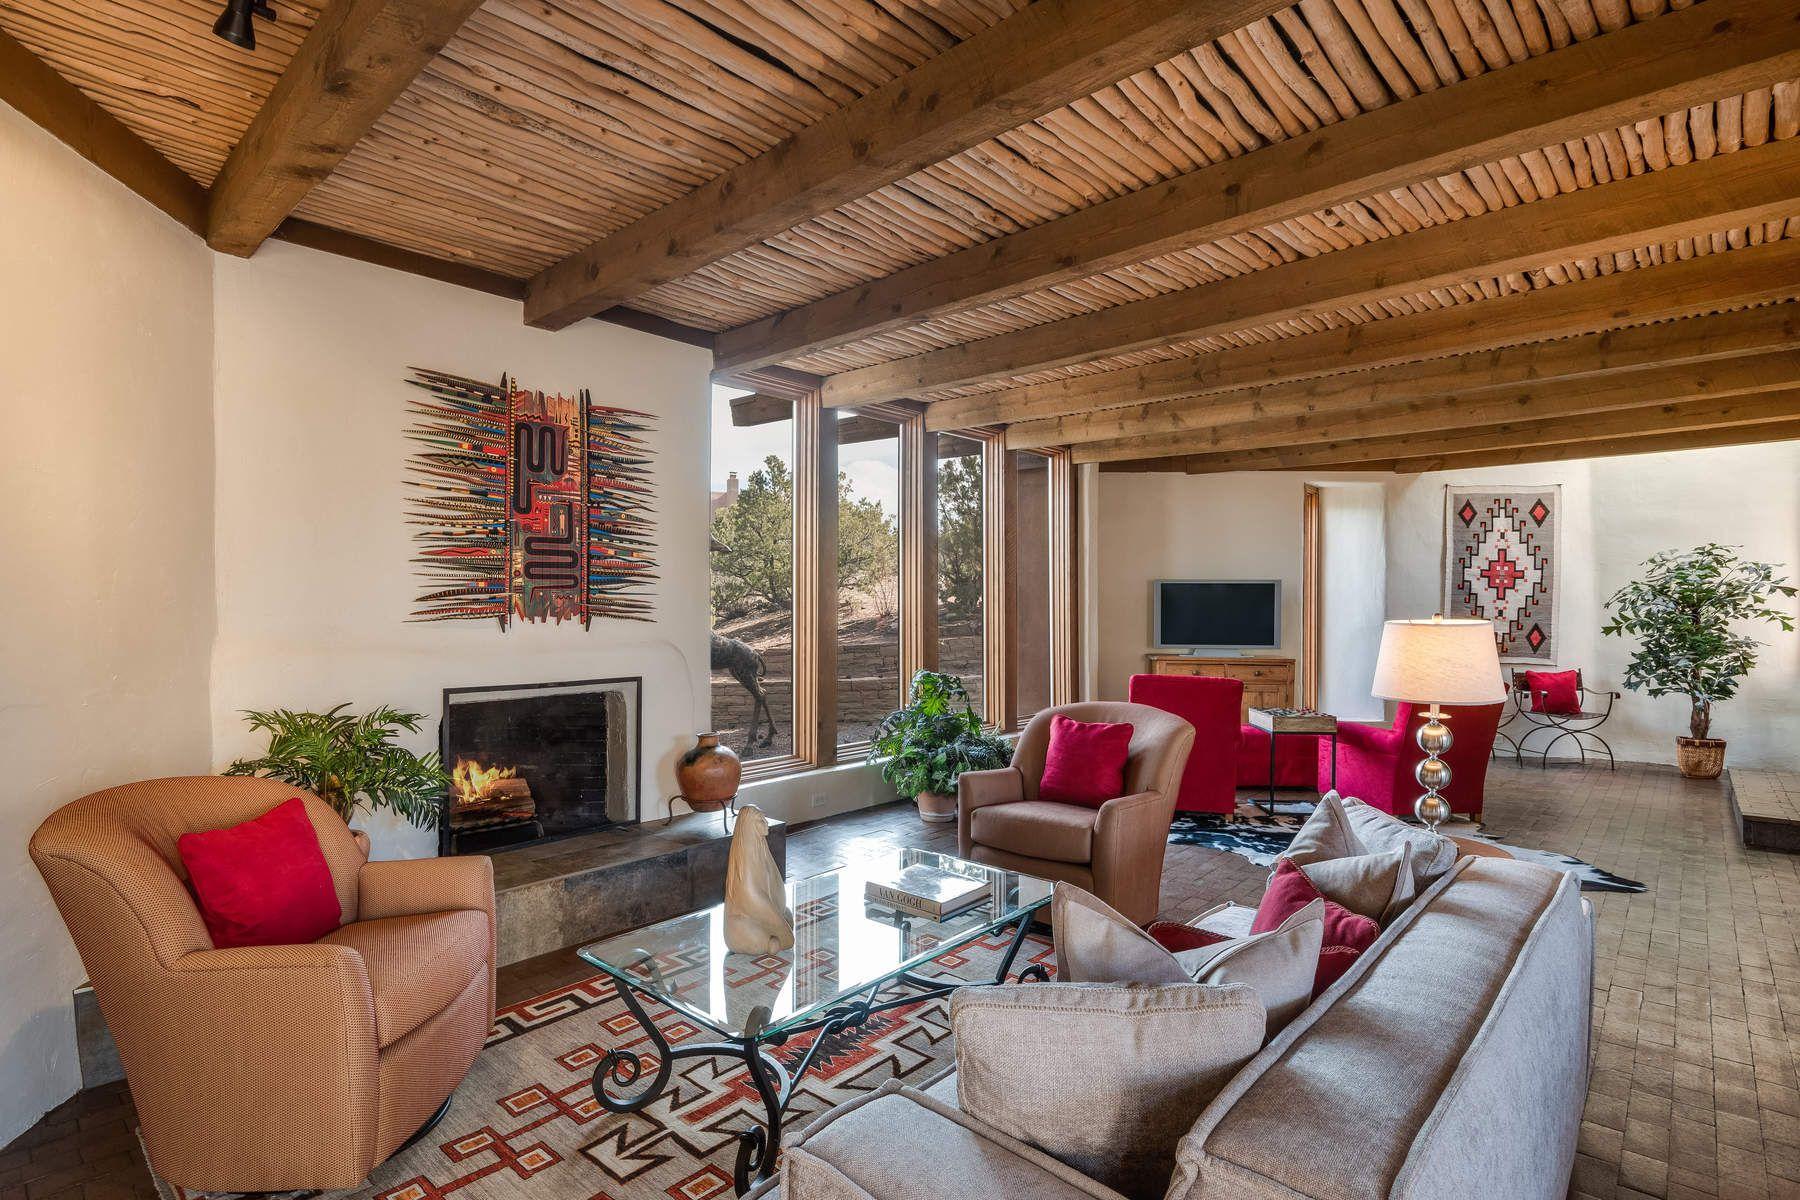 独户住宅 为 销售 在 368 Calle Loma Norte Santa Fe City Northeast, 圣达非, 新墨西哥州, 87501 美国